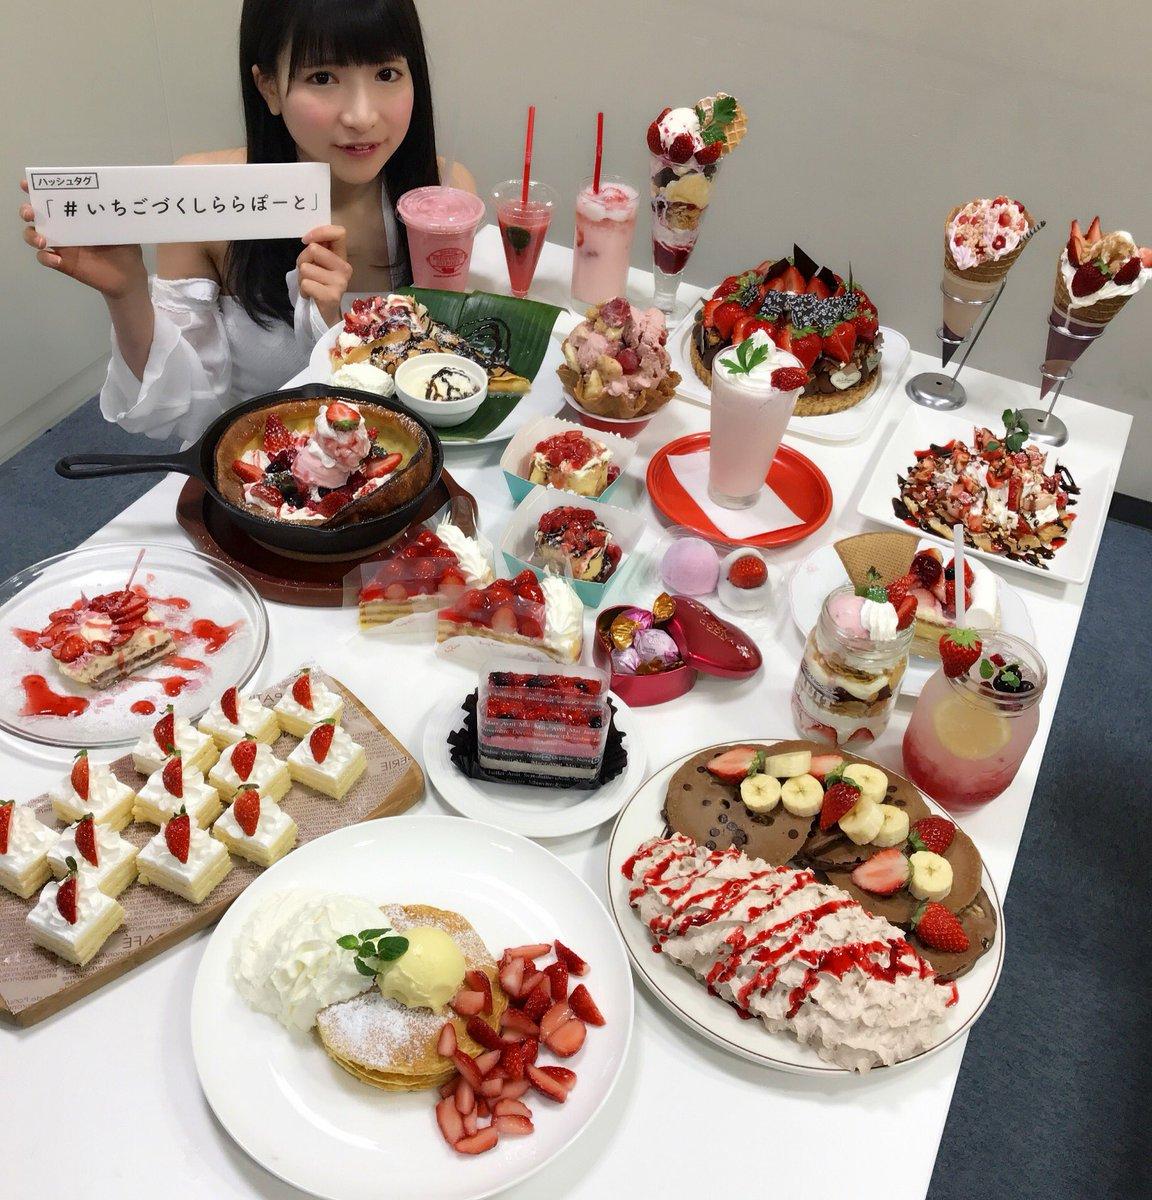 いちごイチゴ苺ICHIGO〜〜❤️❤️ 最高😚🍓💓💓💓💓💓💓💓 #いちごづくしららぽーと #ららぽー…